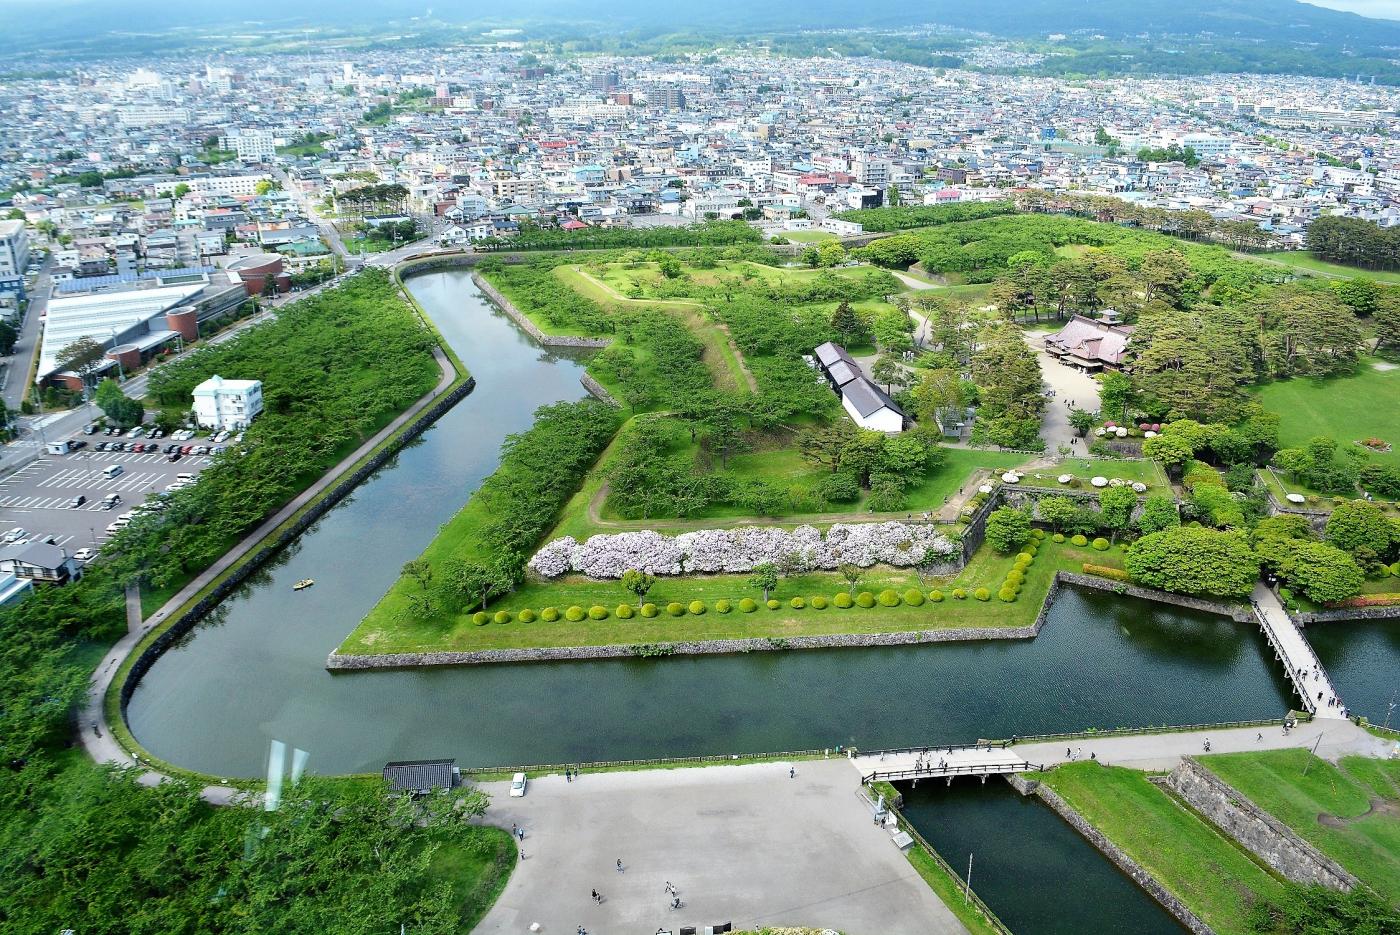 北海道自驾游 - 函馆色篇_图1-4